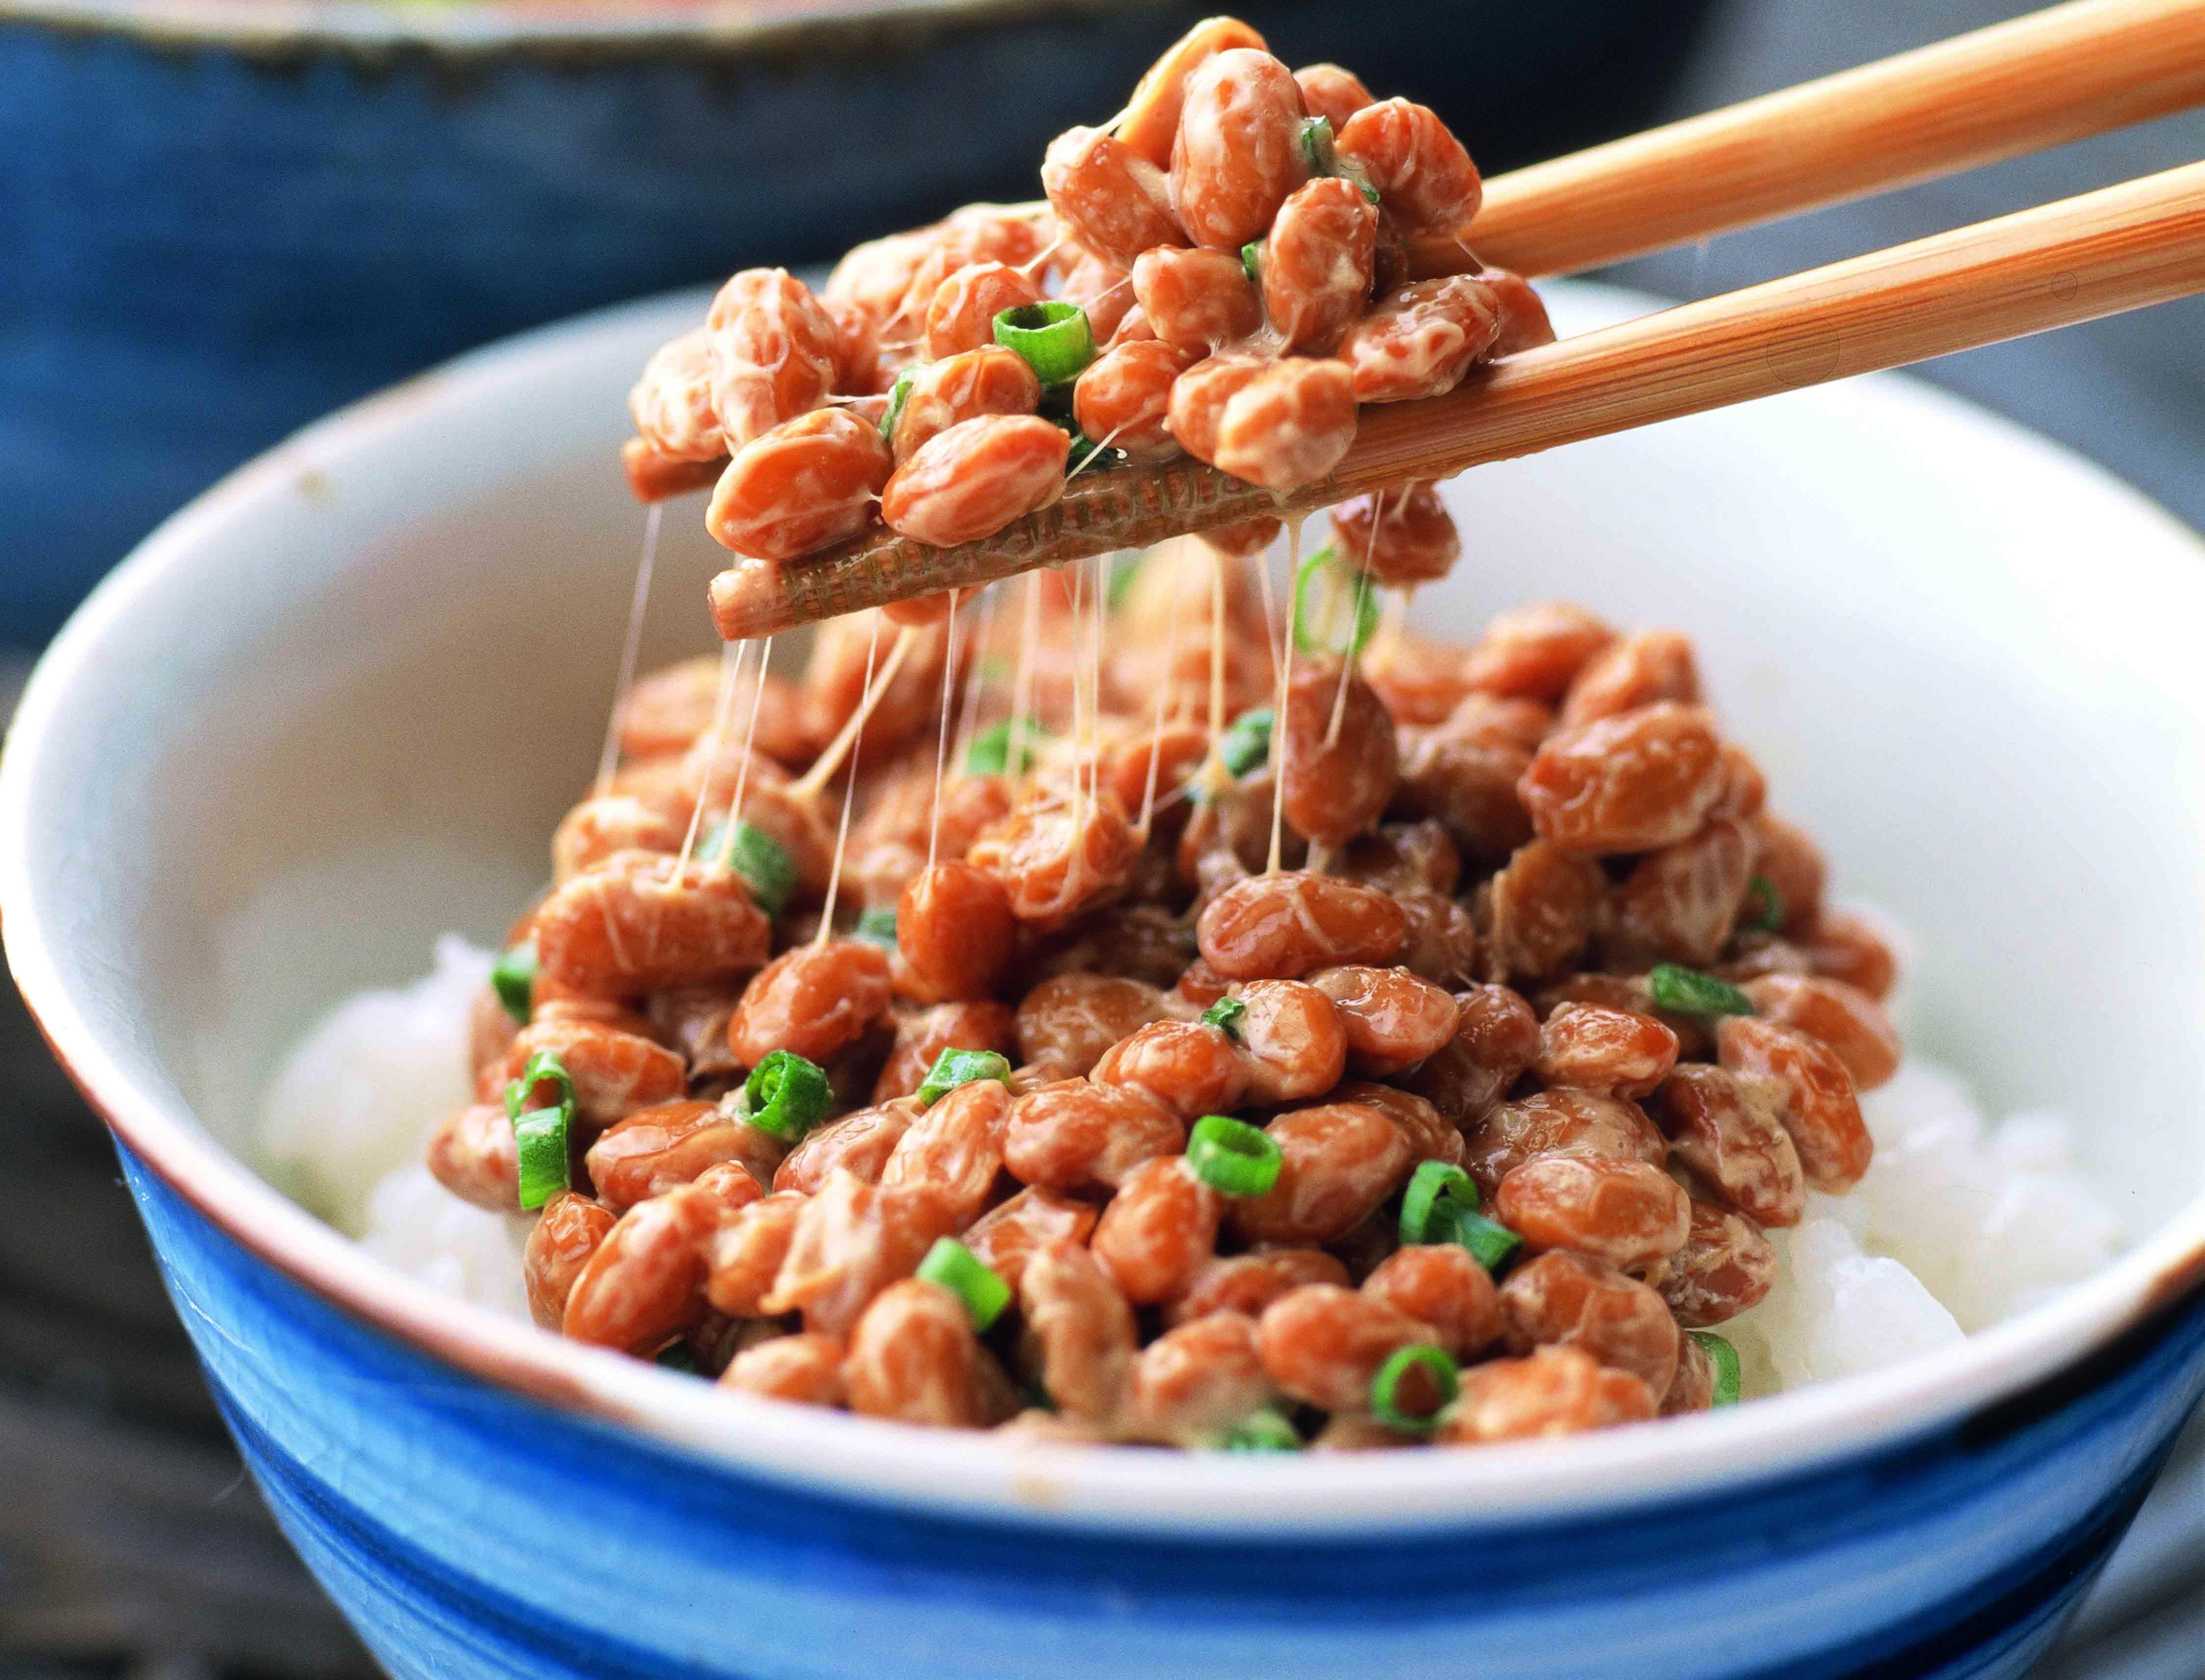 ねばねばパワーで元気全開!栄養たっぷり納豆の絶品レシピ5選のサムネイル画像